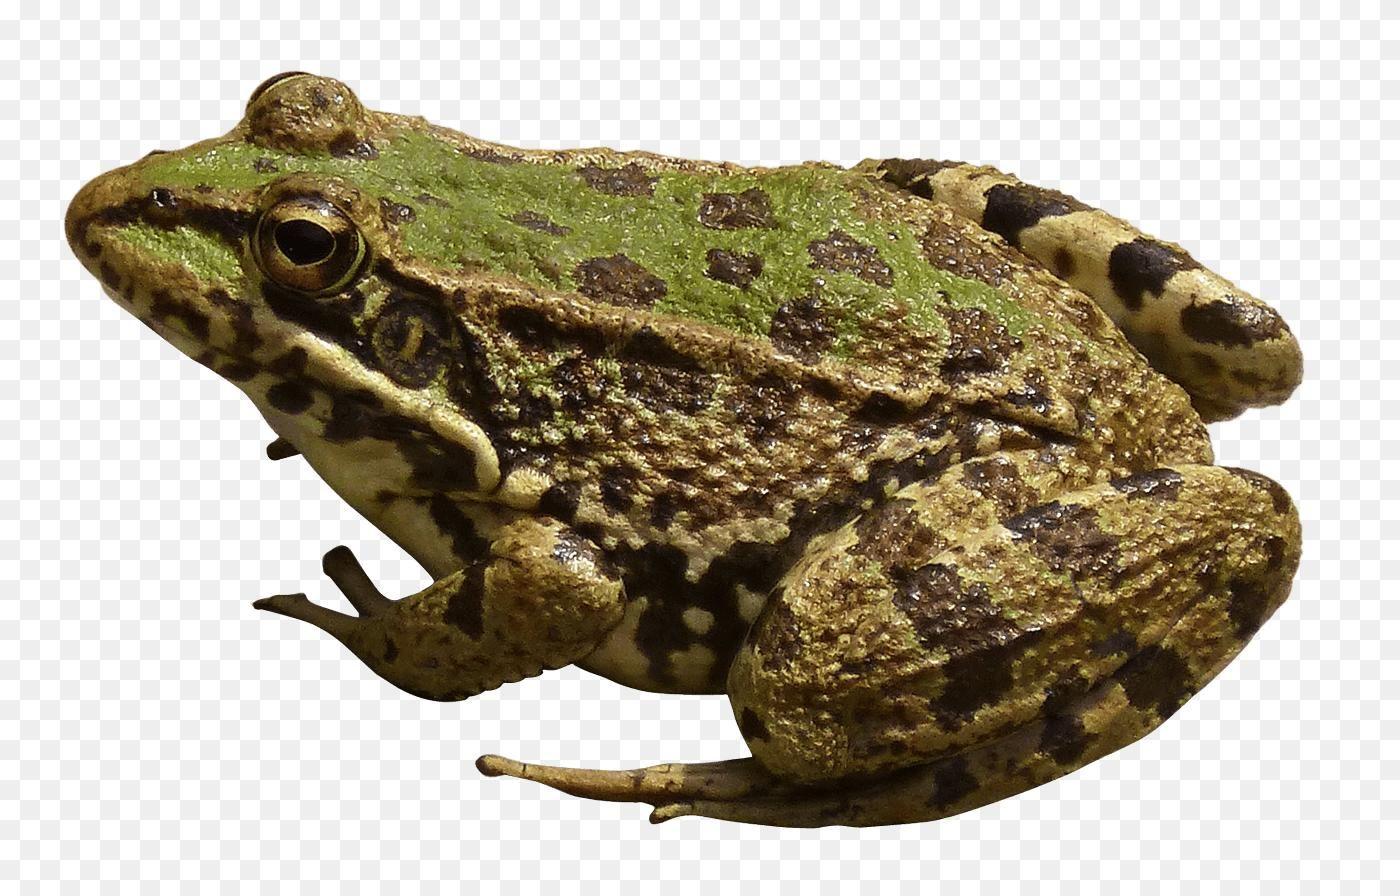 Frog Png Brown Frog Transparent Png Stickpng 2173 1419 Png Download Free Transparent Background Frog Png Png Dow Frog Free Png Downloads Transparent Frog